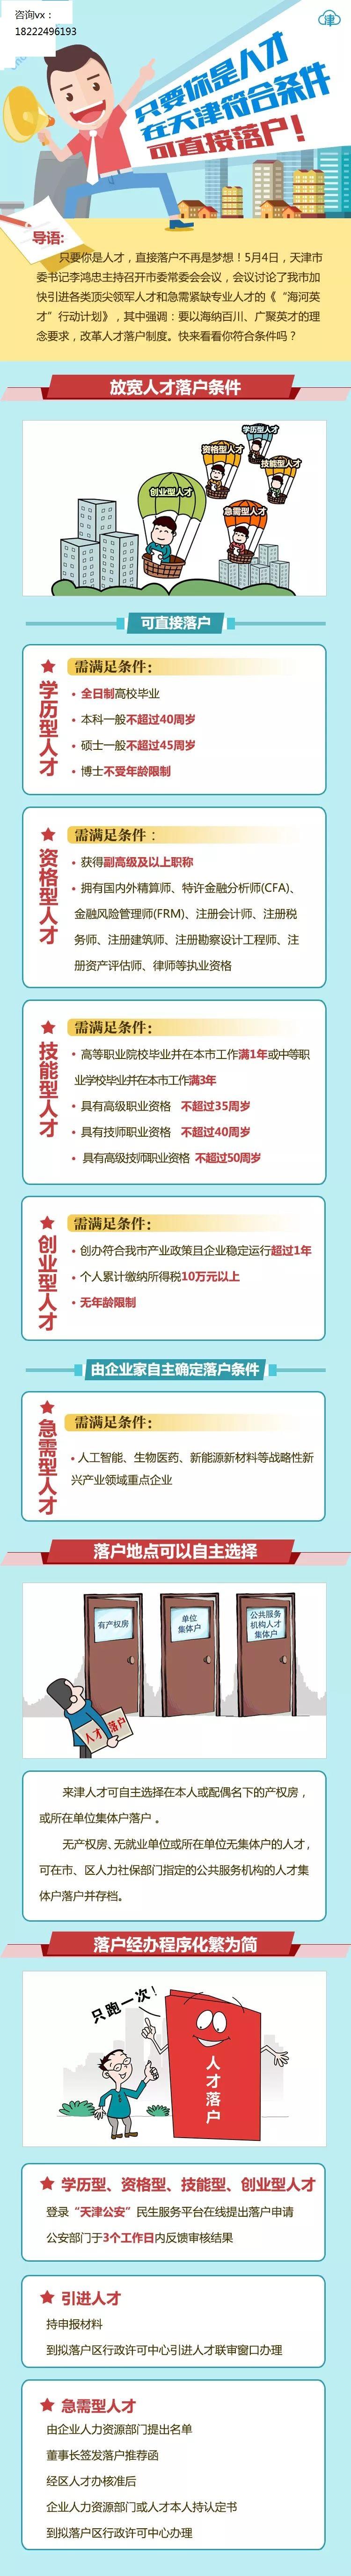 2019天津海河英才计划详细解读_网赚新闻网